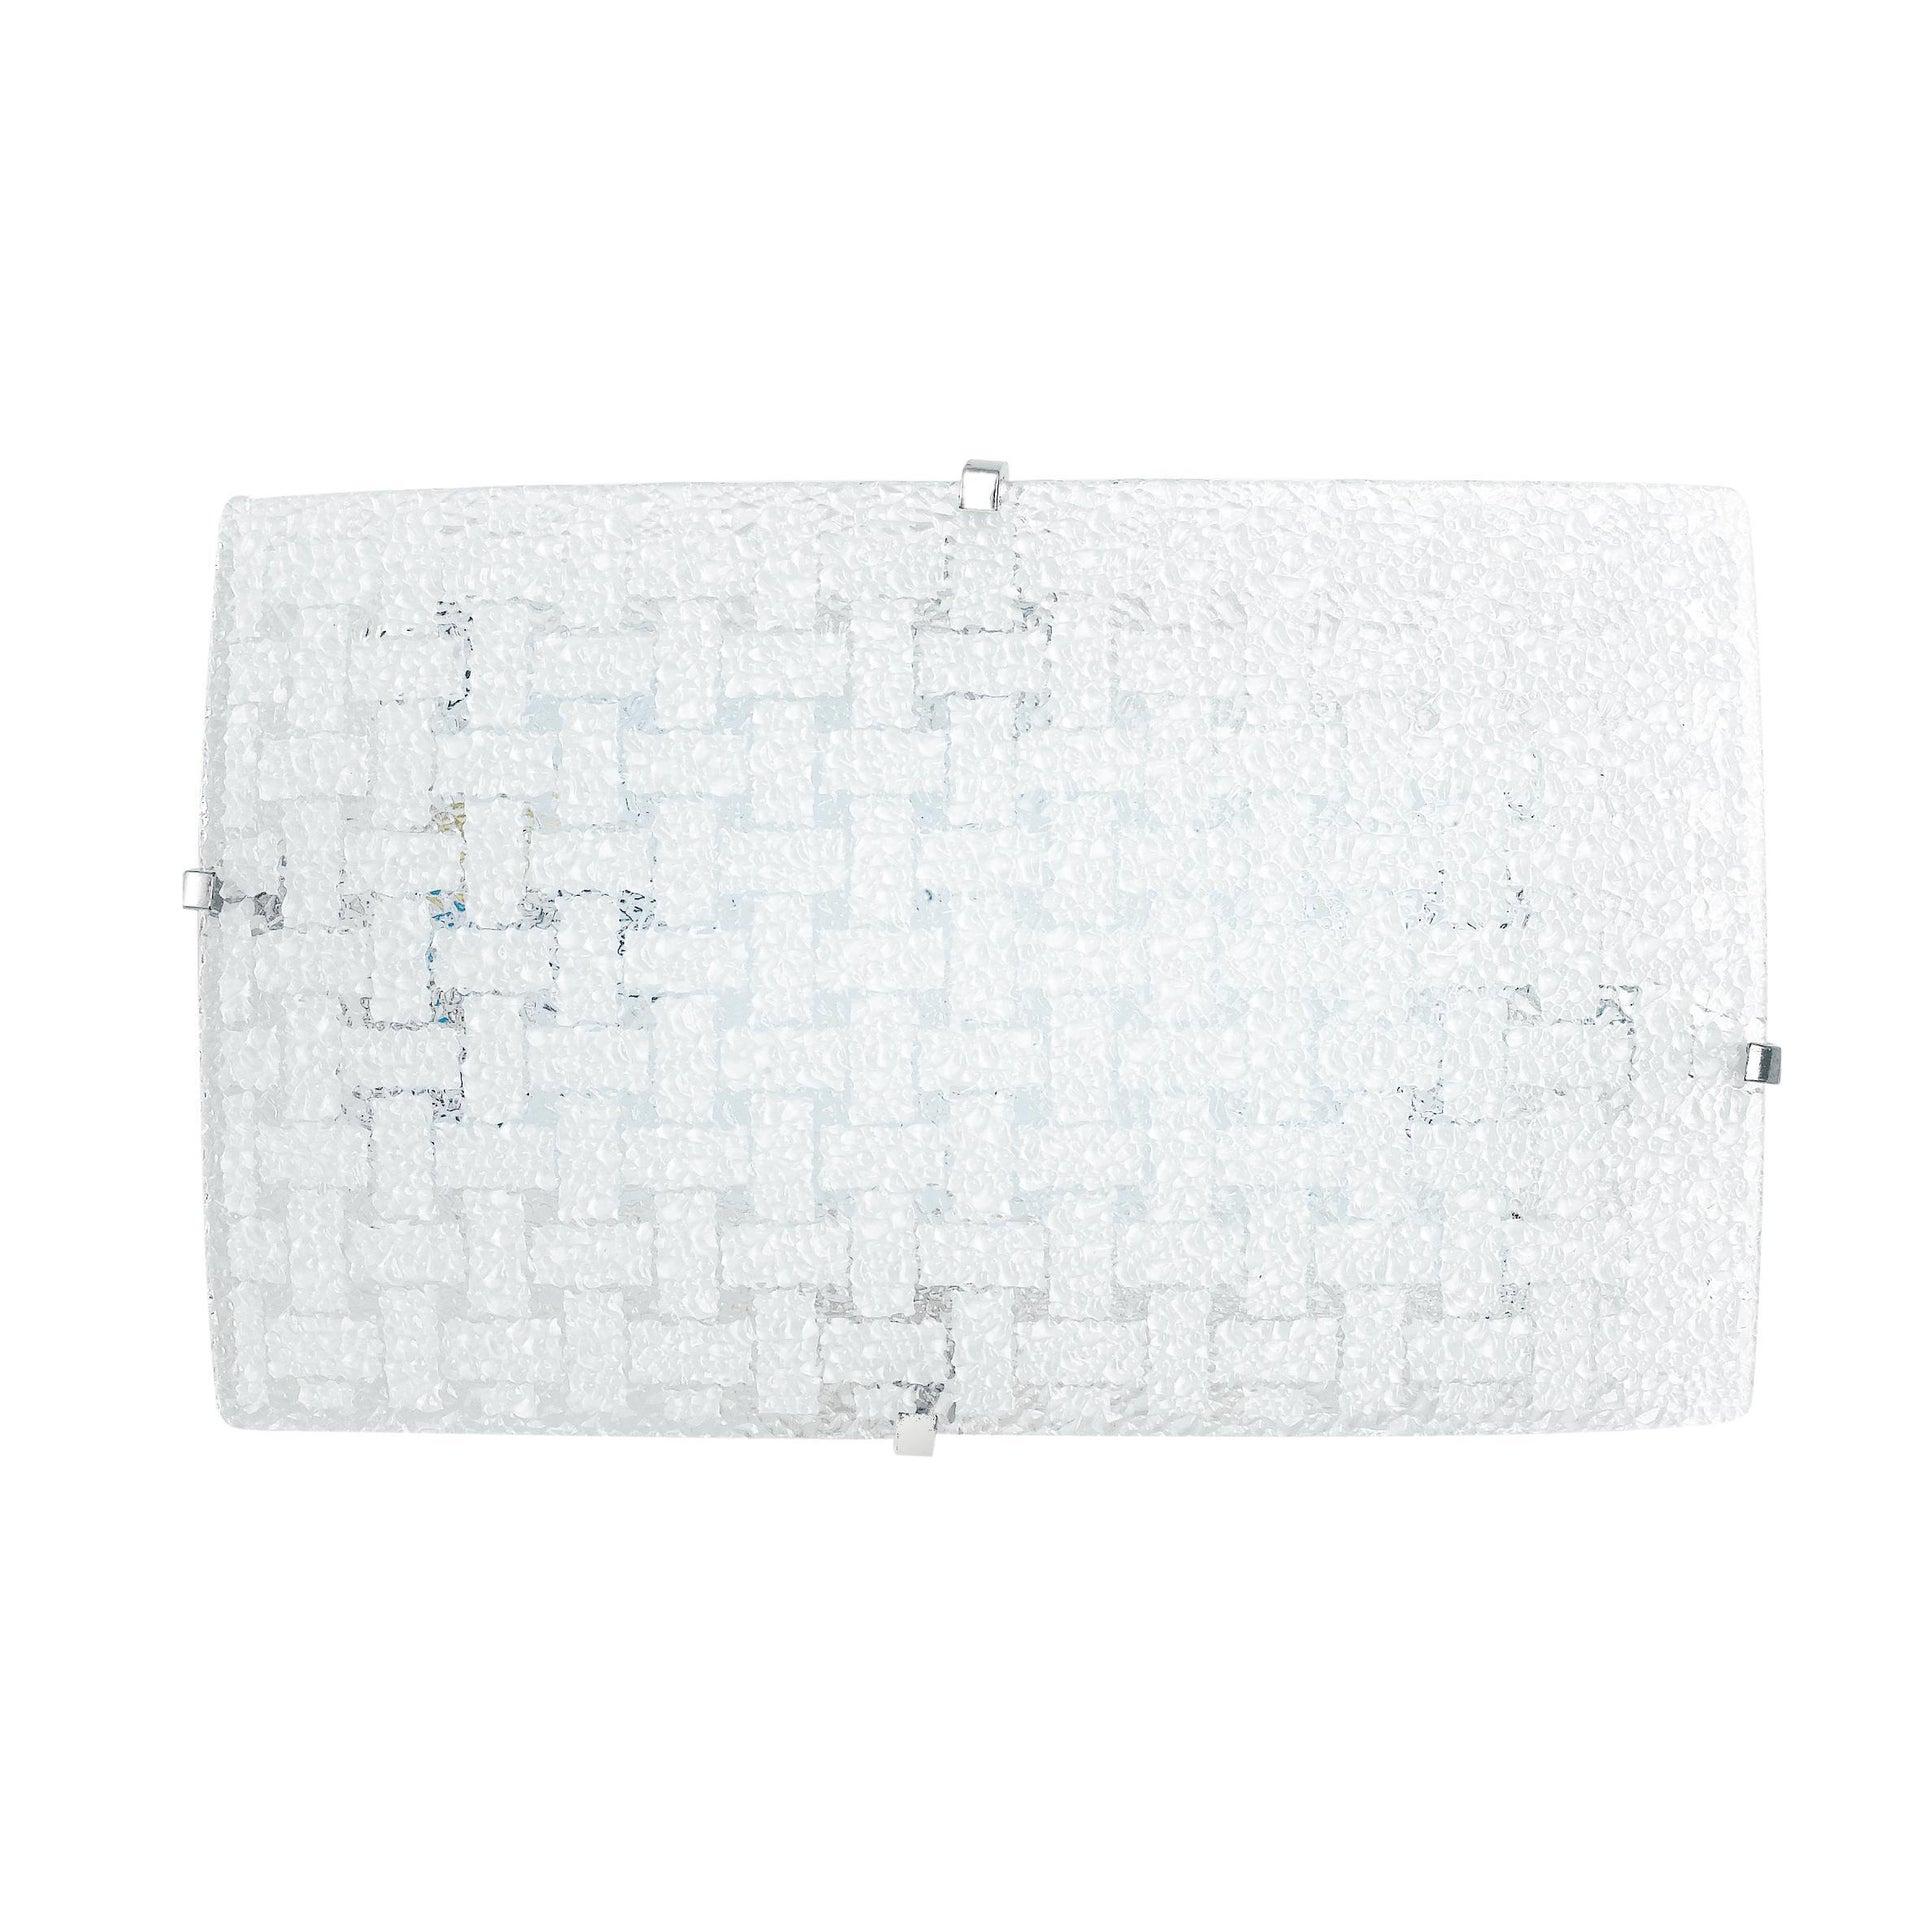 Applique classico Pamela LED integrato bianco, in acciaio inossidabile, 18x30 cm, LUCE AMBIENTE DESIGN - 1